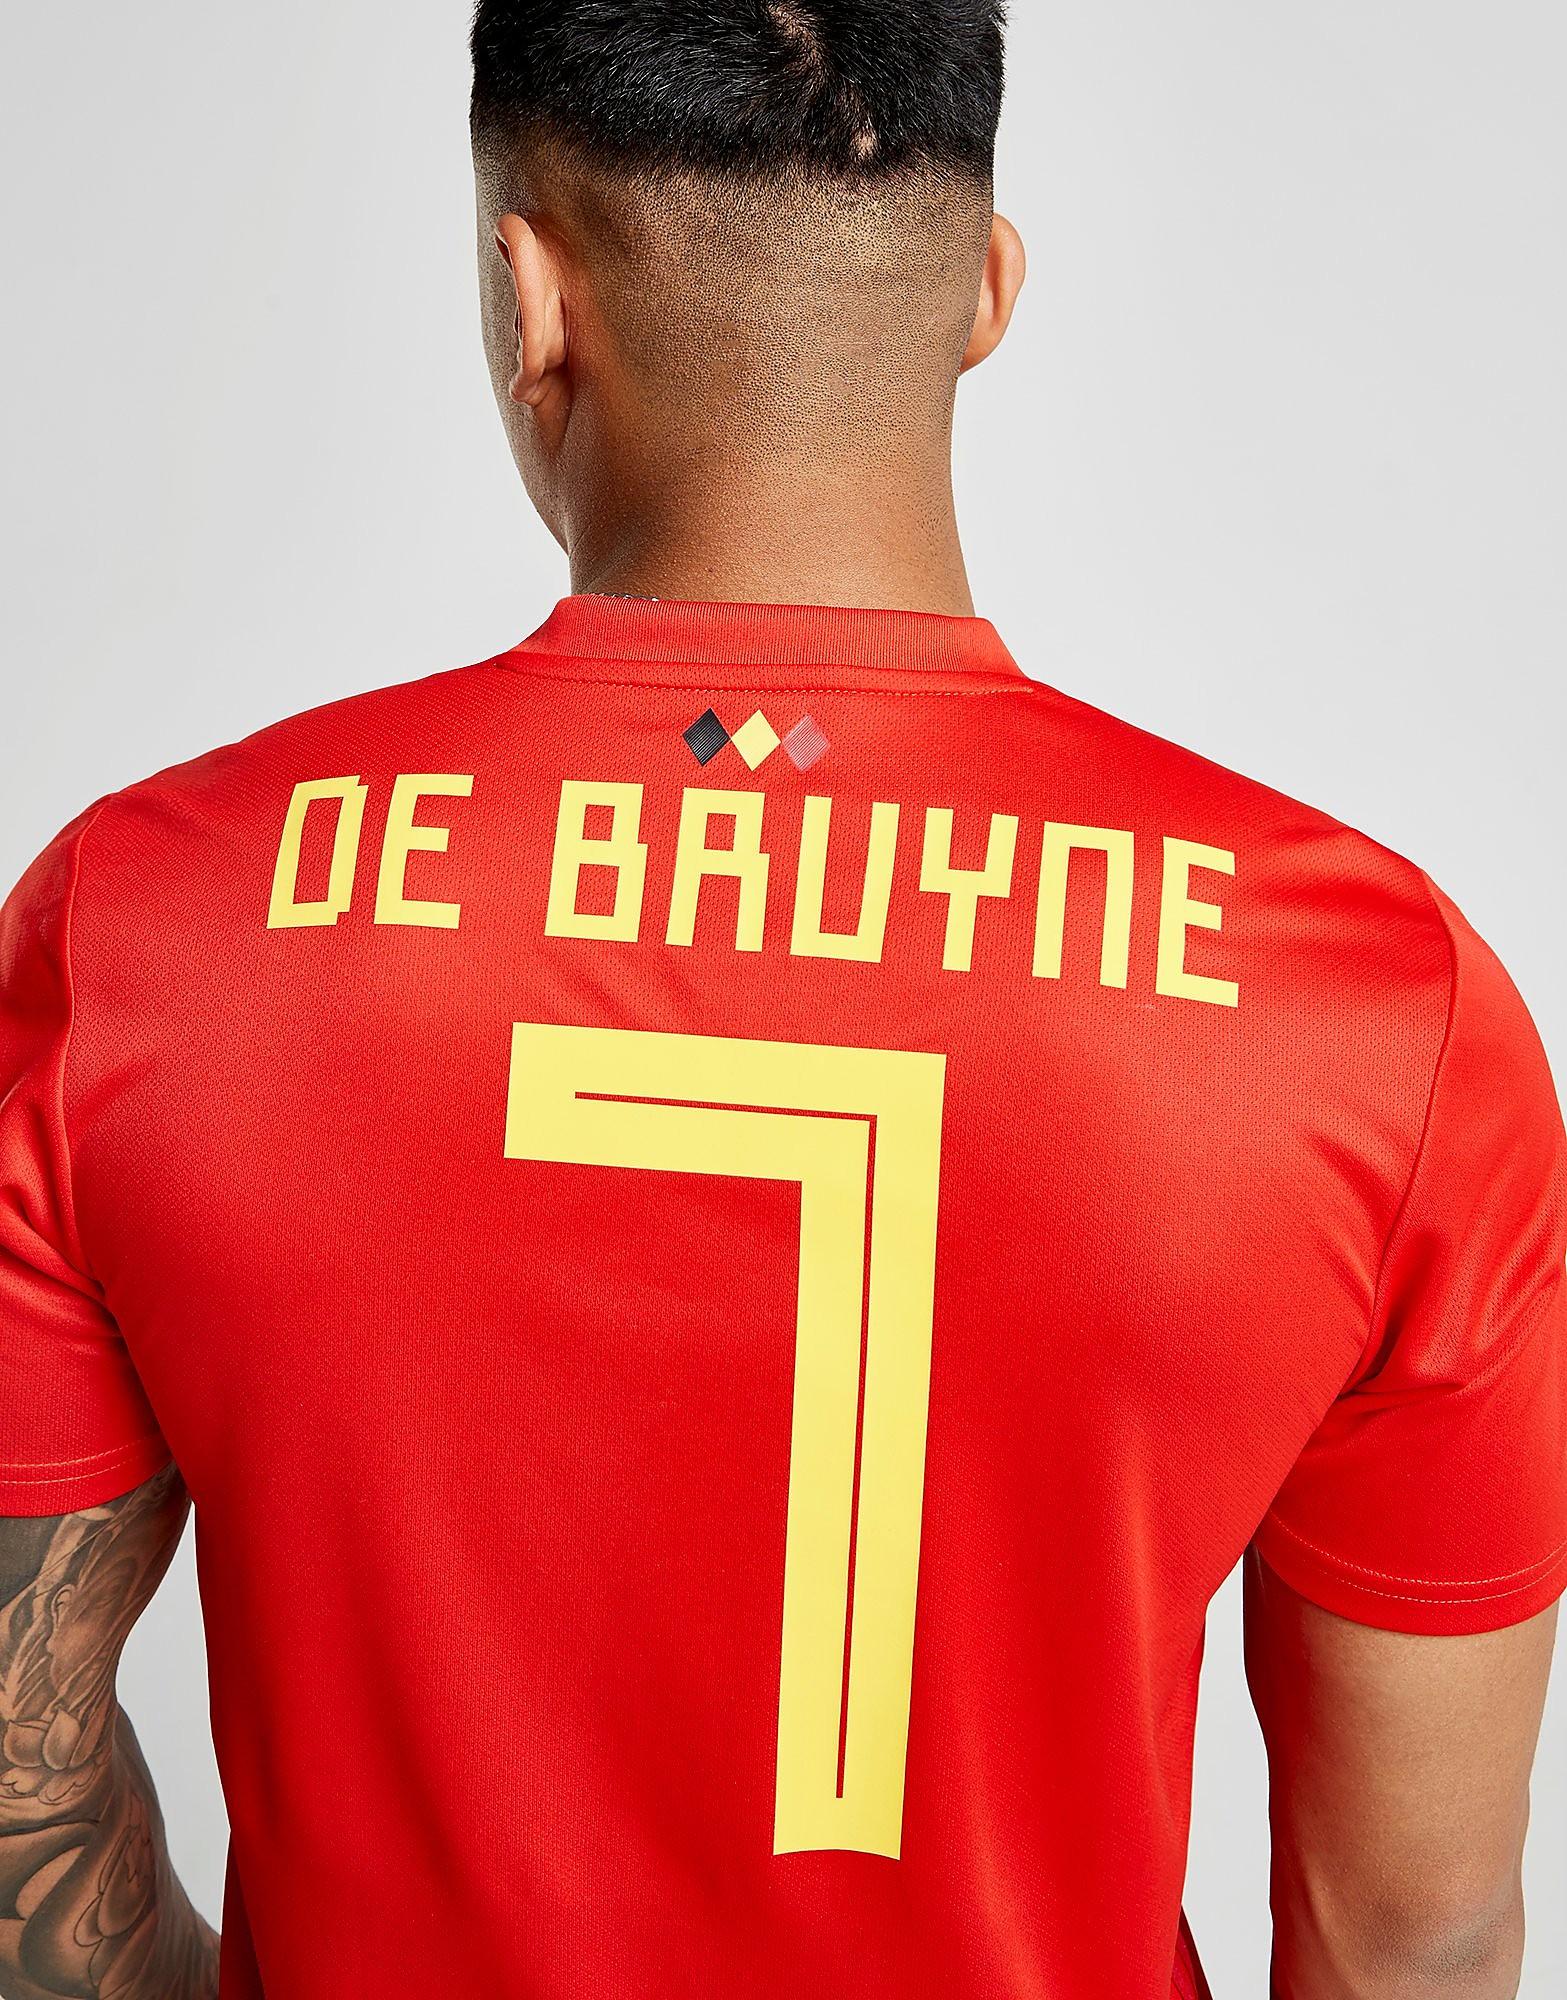 adidas Belgium 2018 De Bruyne #7 Home Shirt